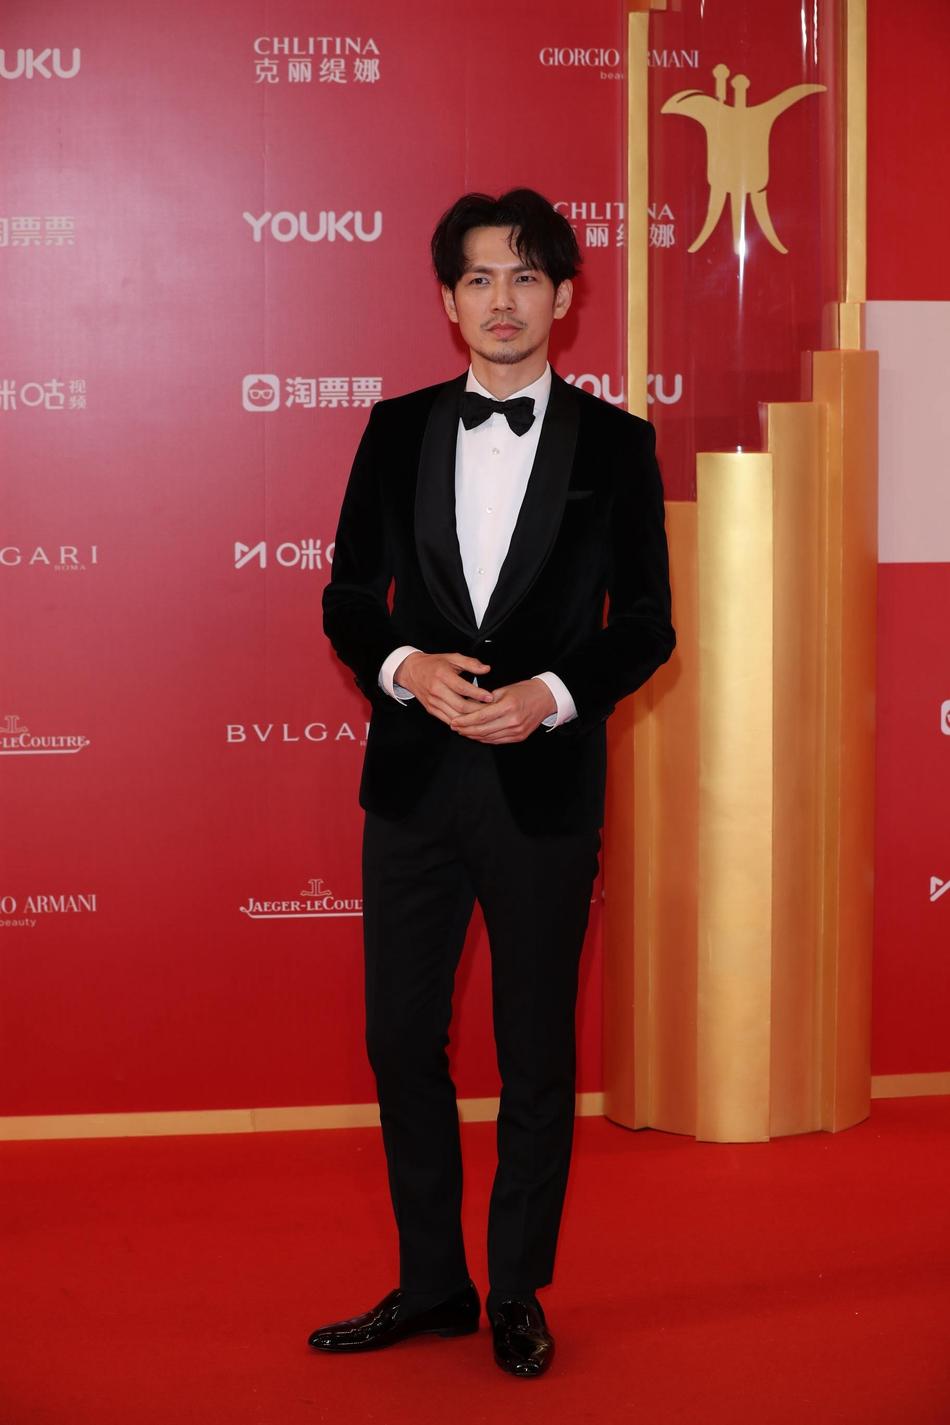 Dàn mỹ nhân Hoa ngữ đọ sắc trên thảm đỏ Liên hoan phim Thượng Hải 2019 - Ảnh 18